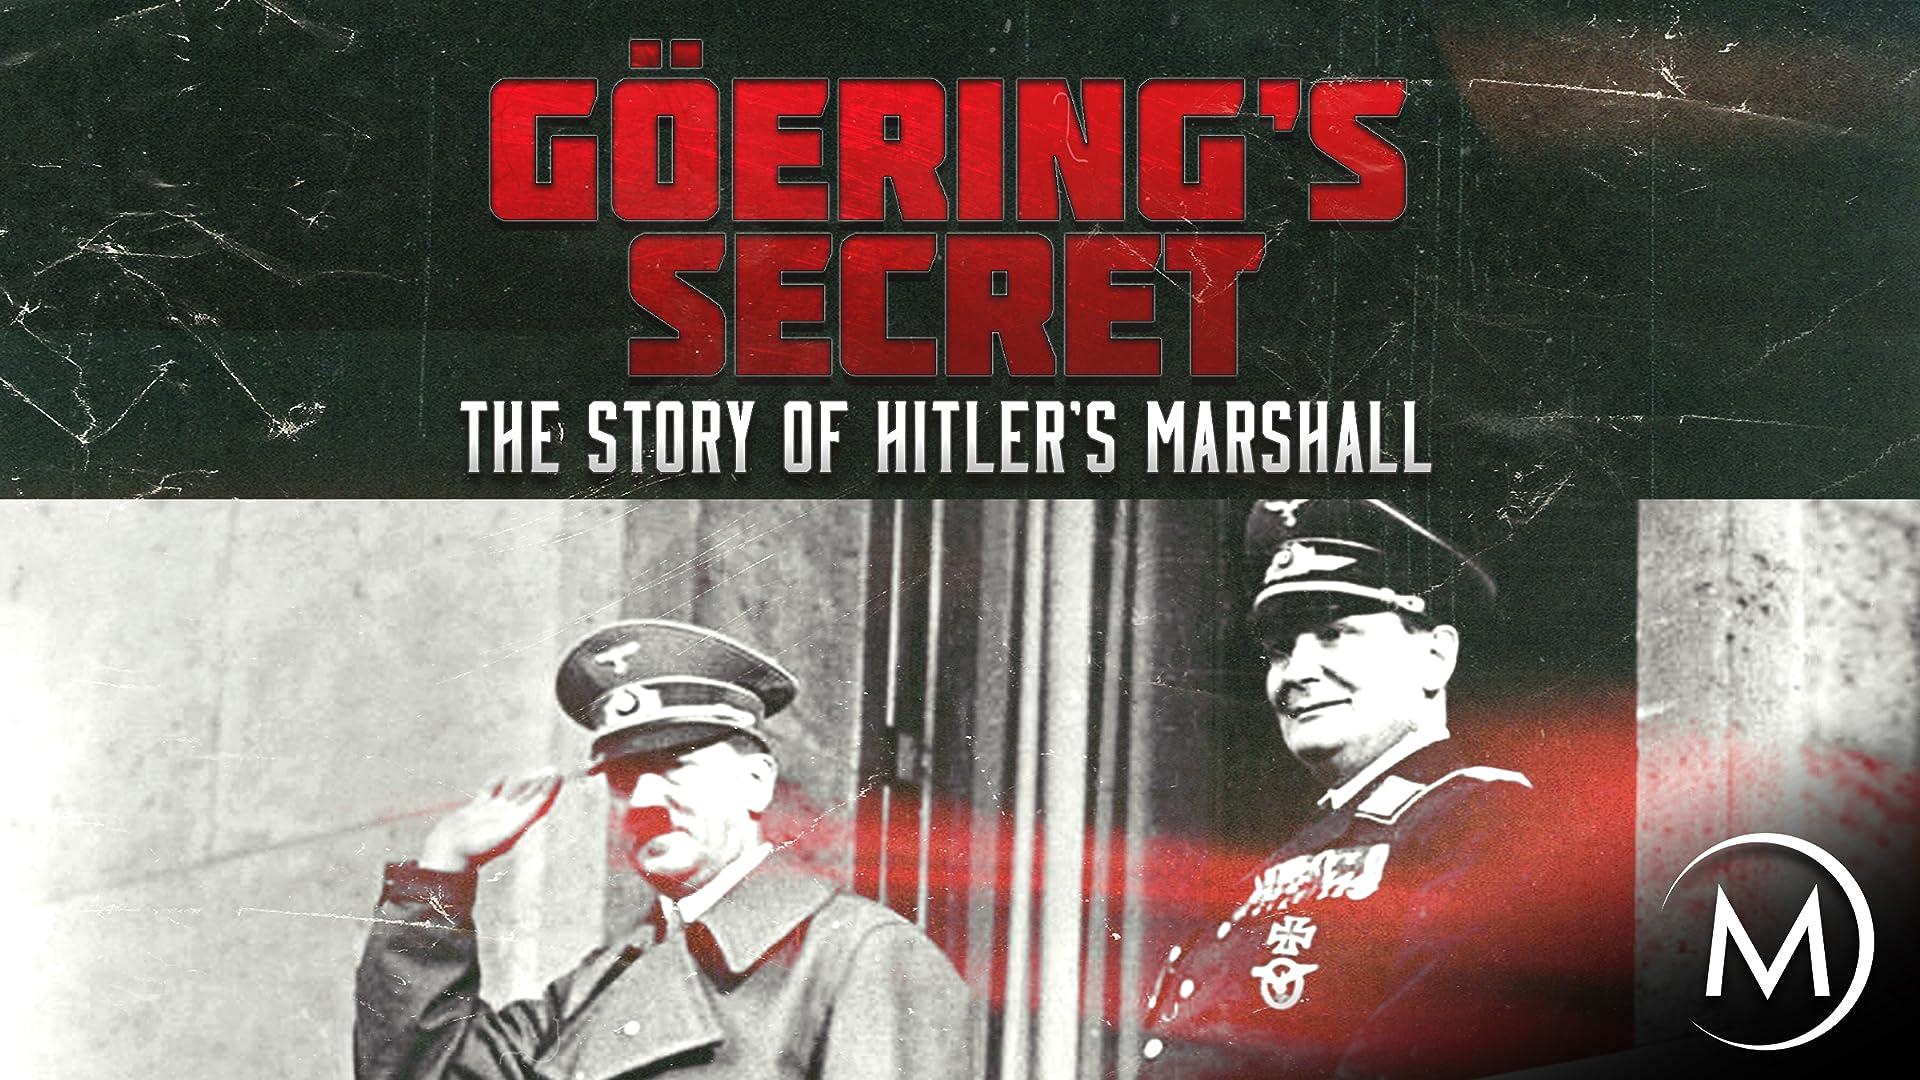 Goering's Secret: The Story of Hitler's Marshall